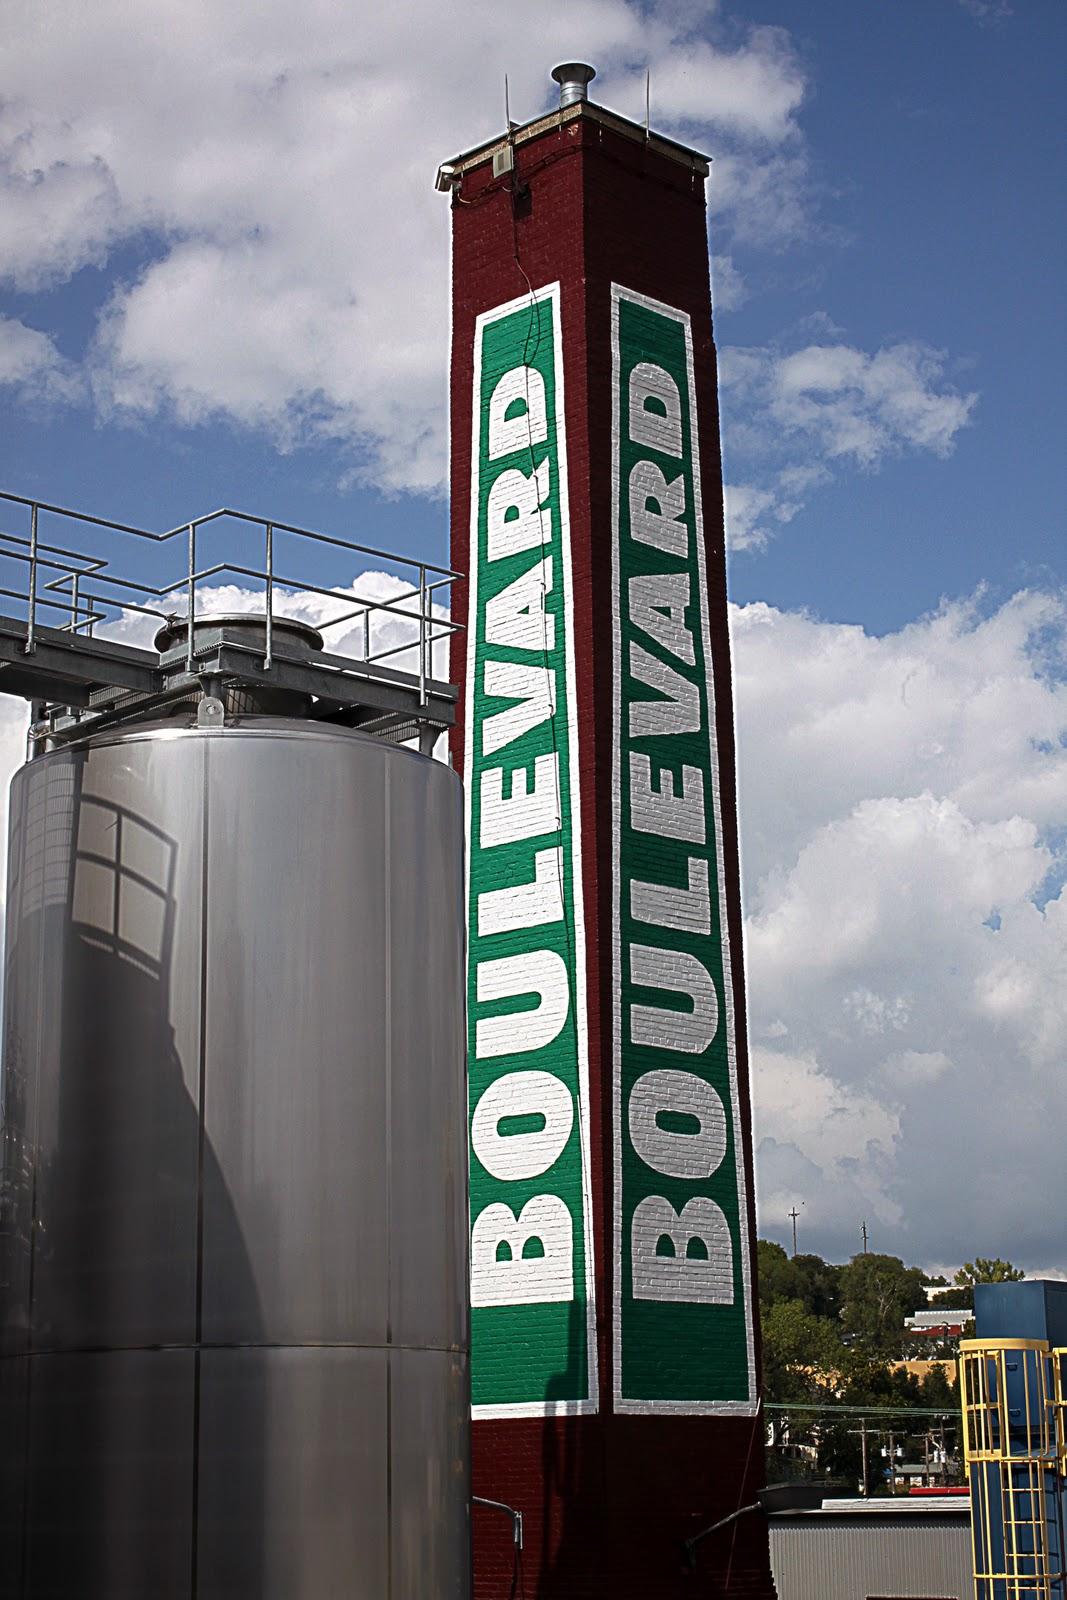 Boularvard Brewery Tours